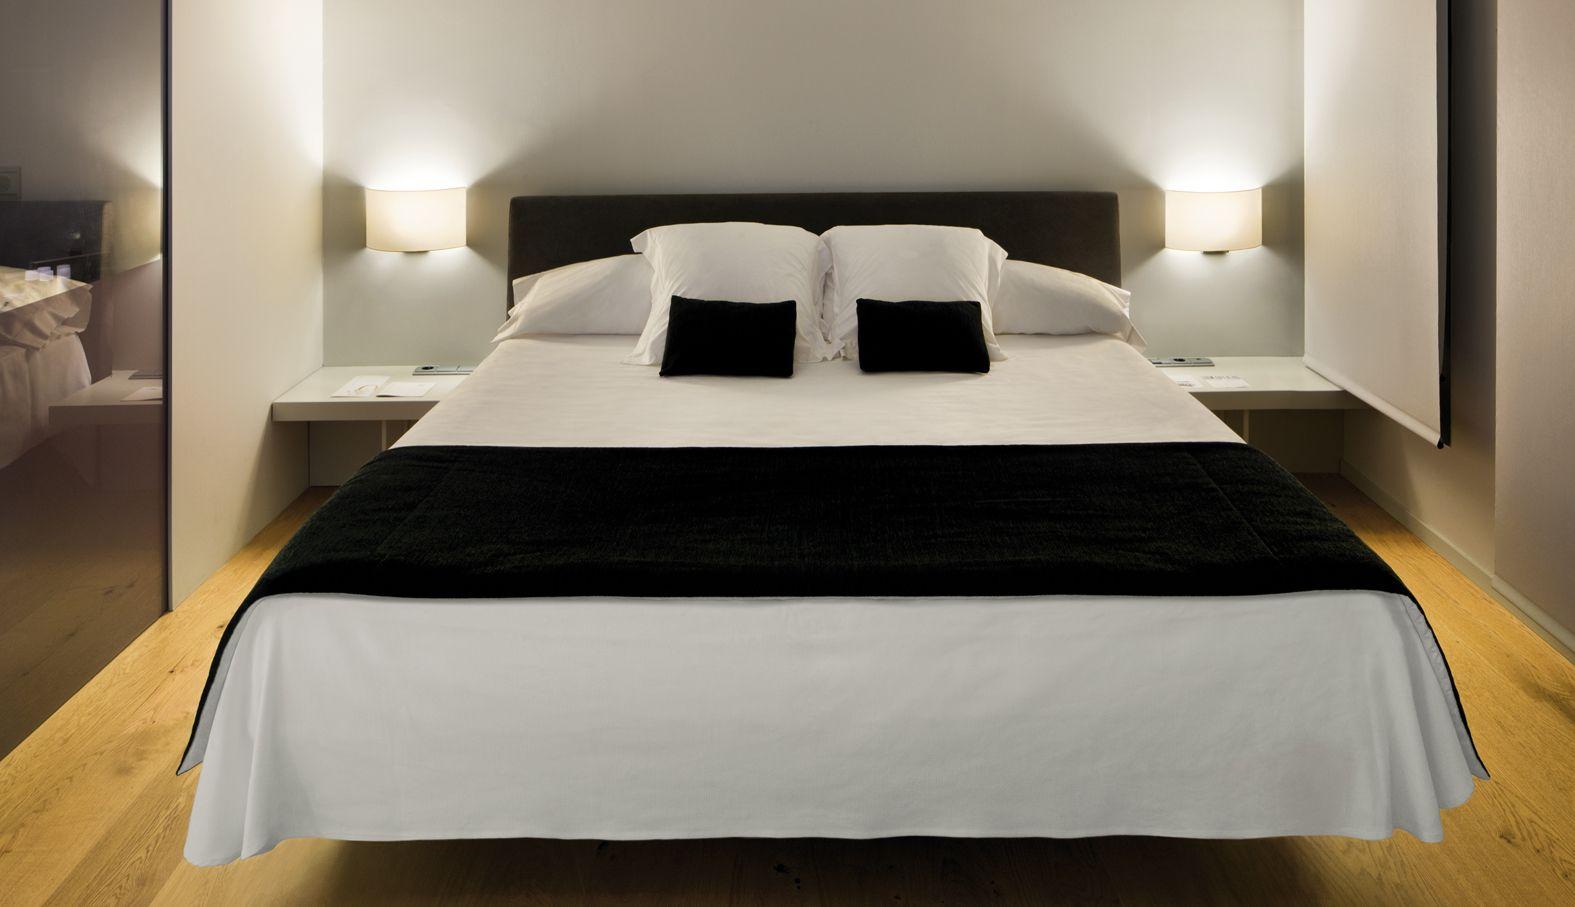 vibia, combi, licht, verlichting, lamp, leeslamp, slaapkamer, Deco ideeën